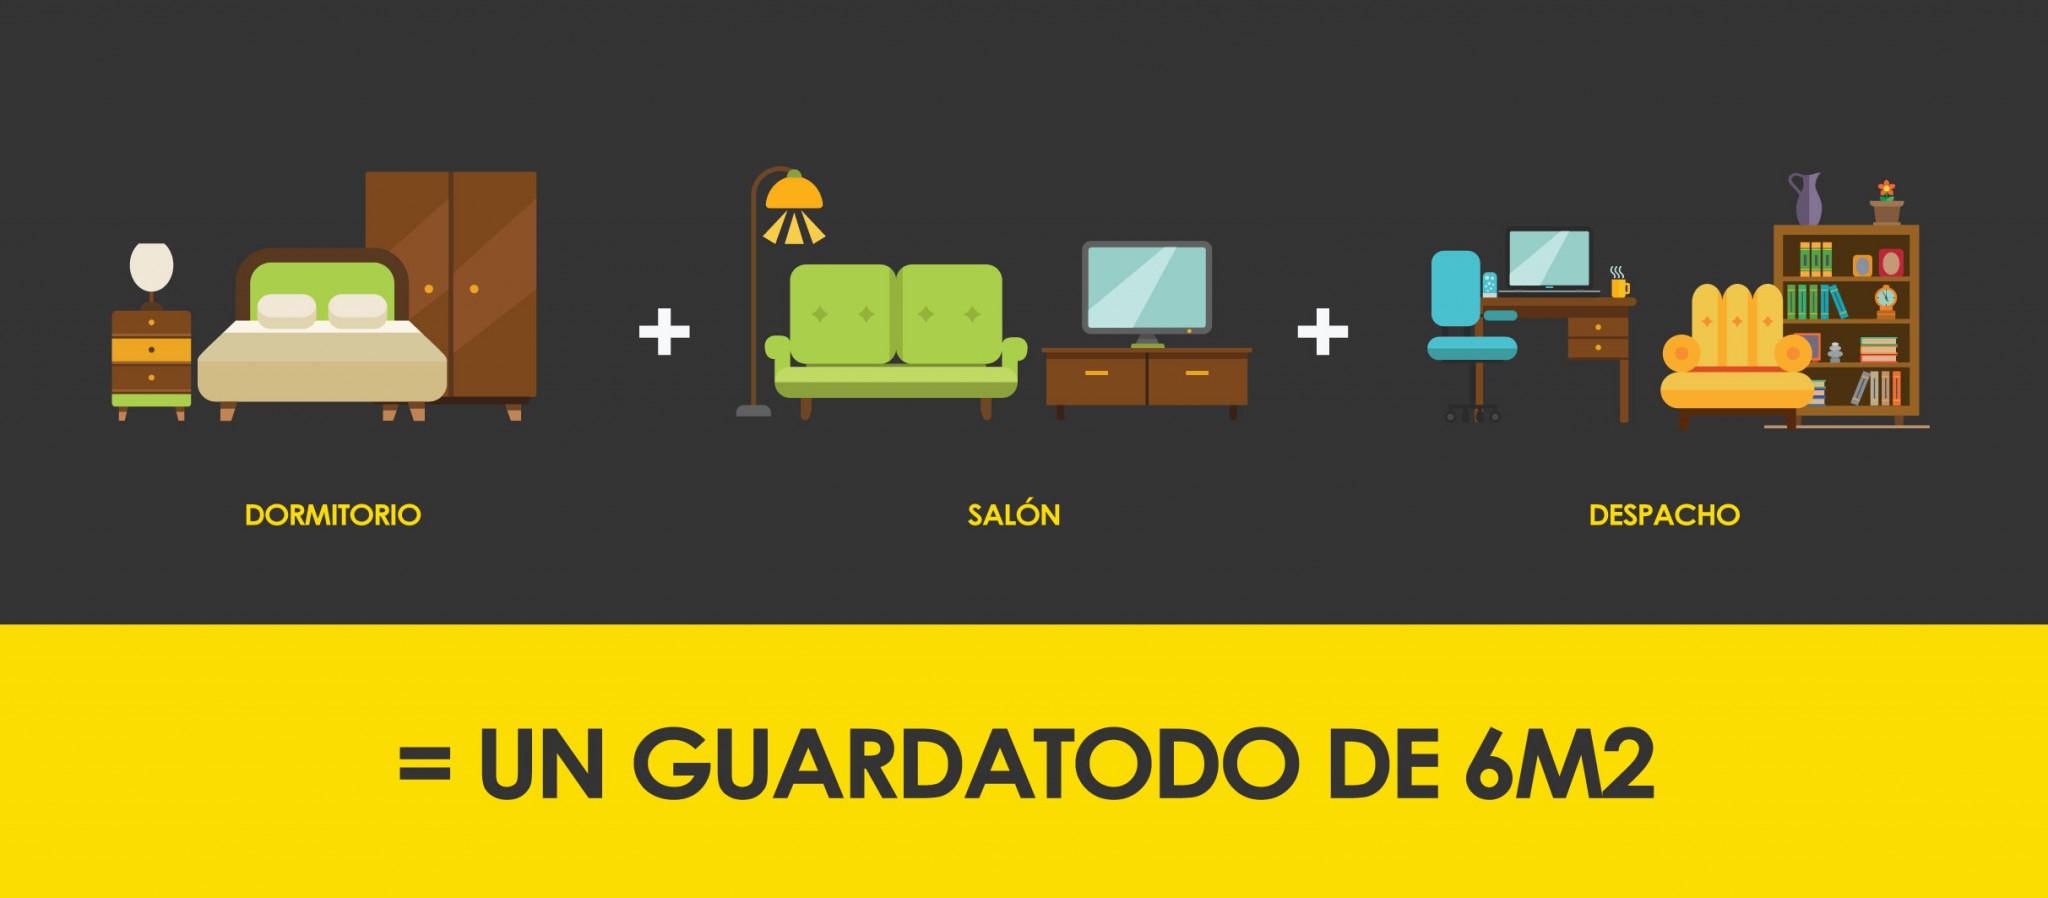 6M2 GUARDATODO-02